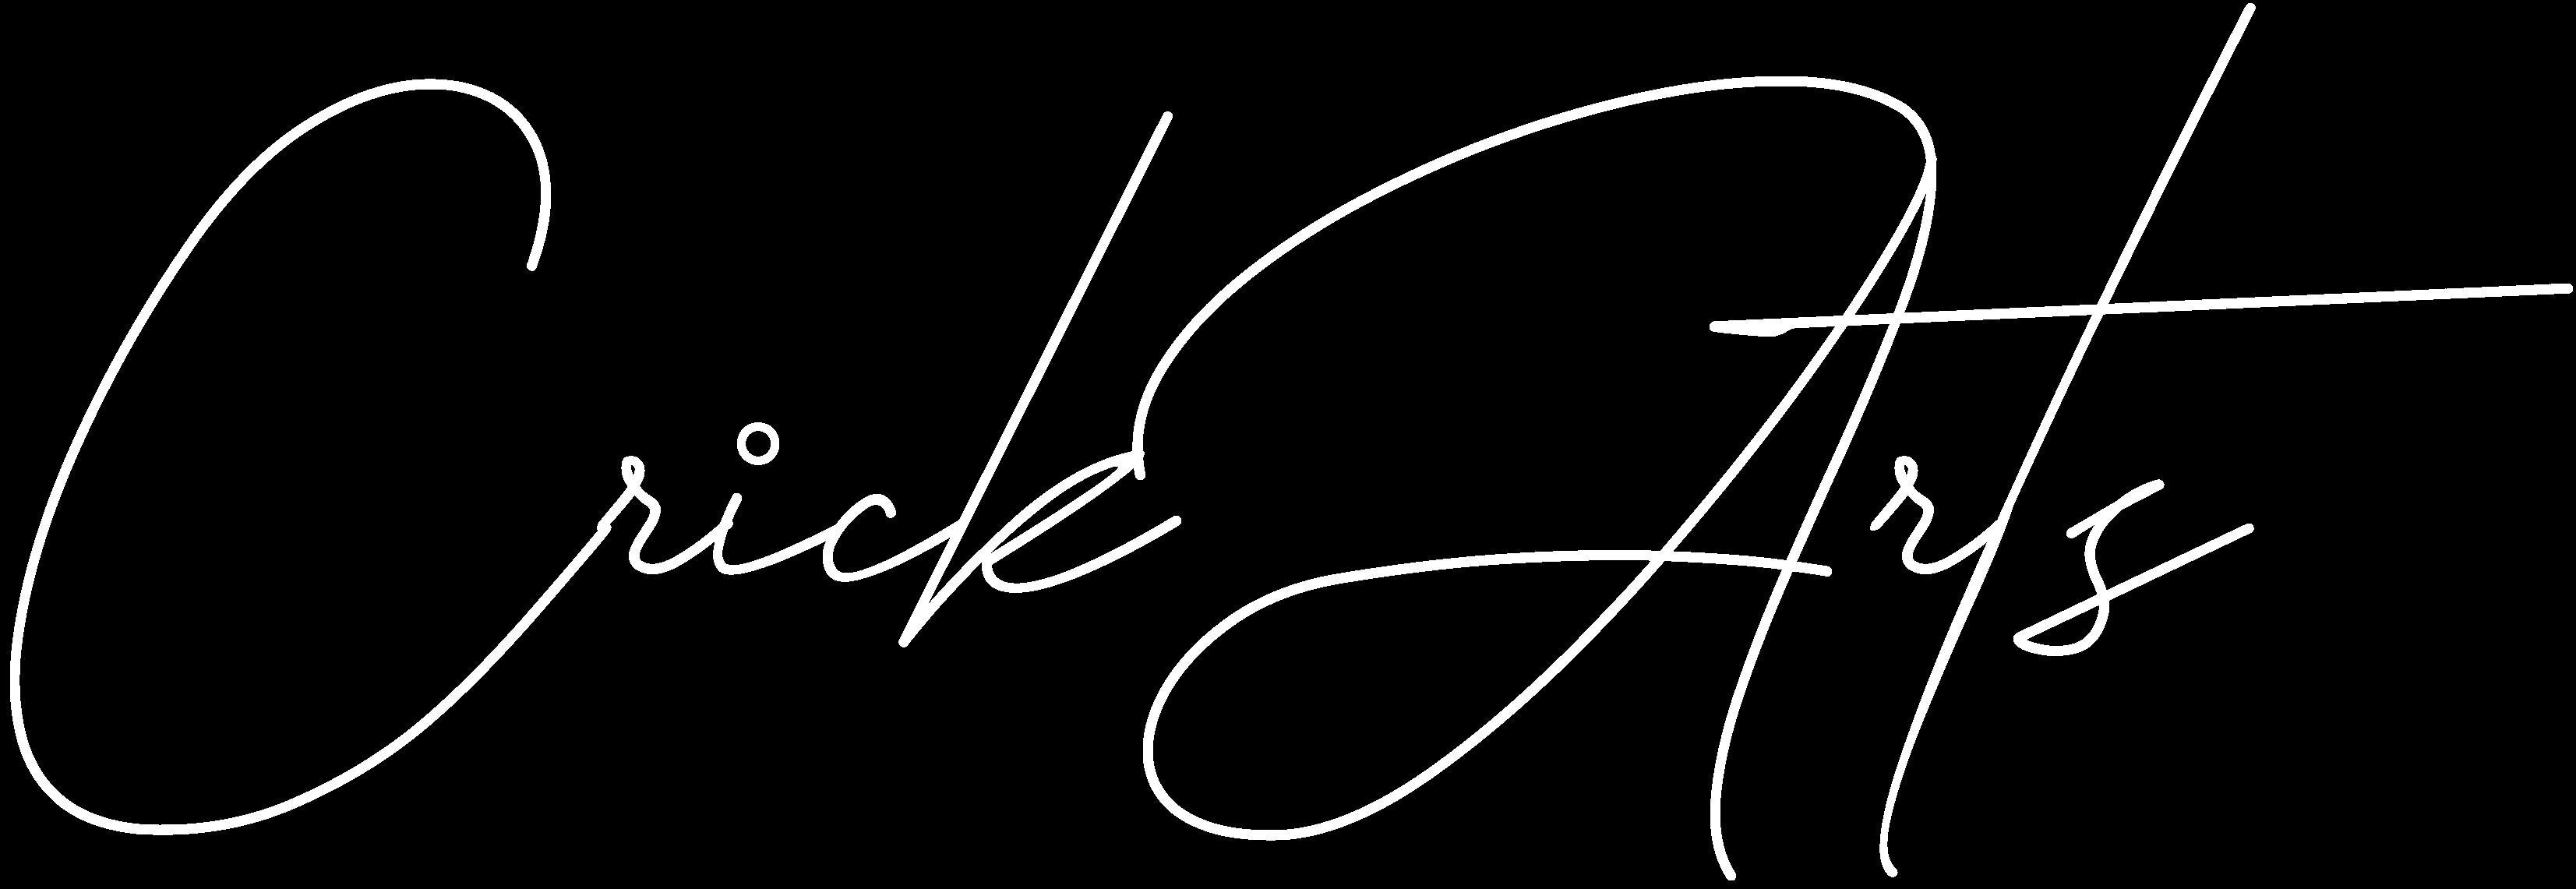 CrickArtz